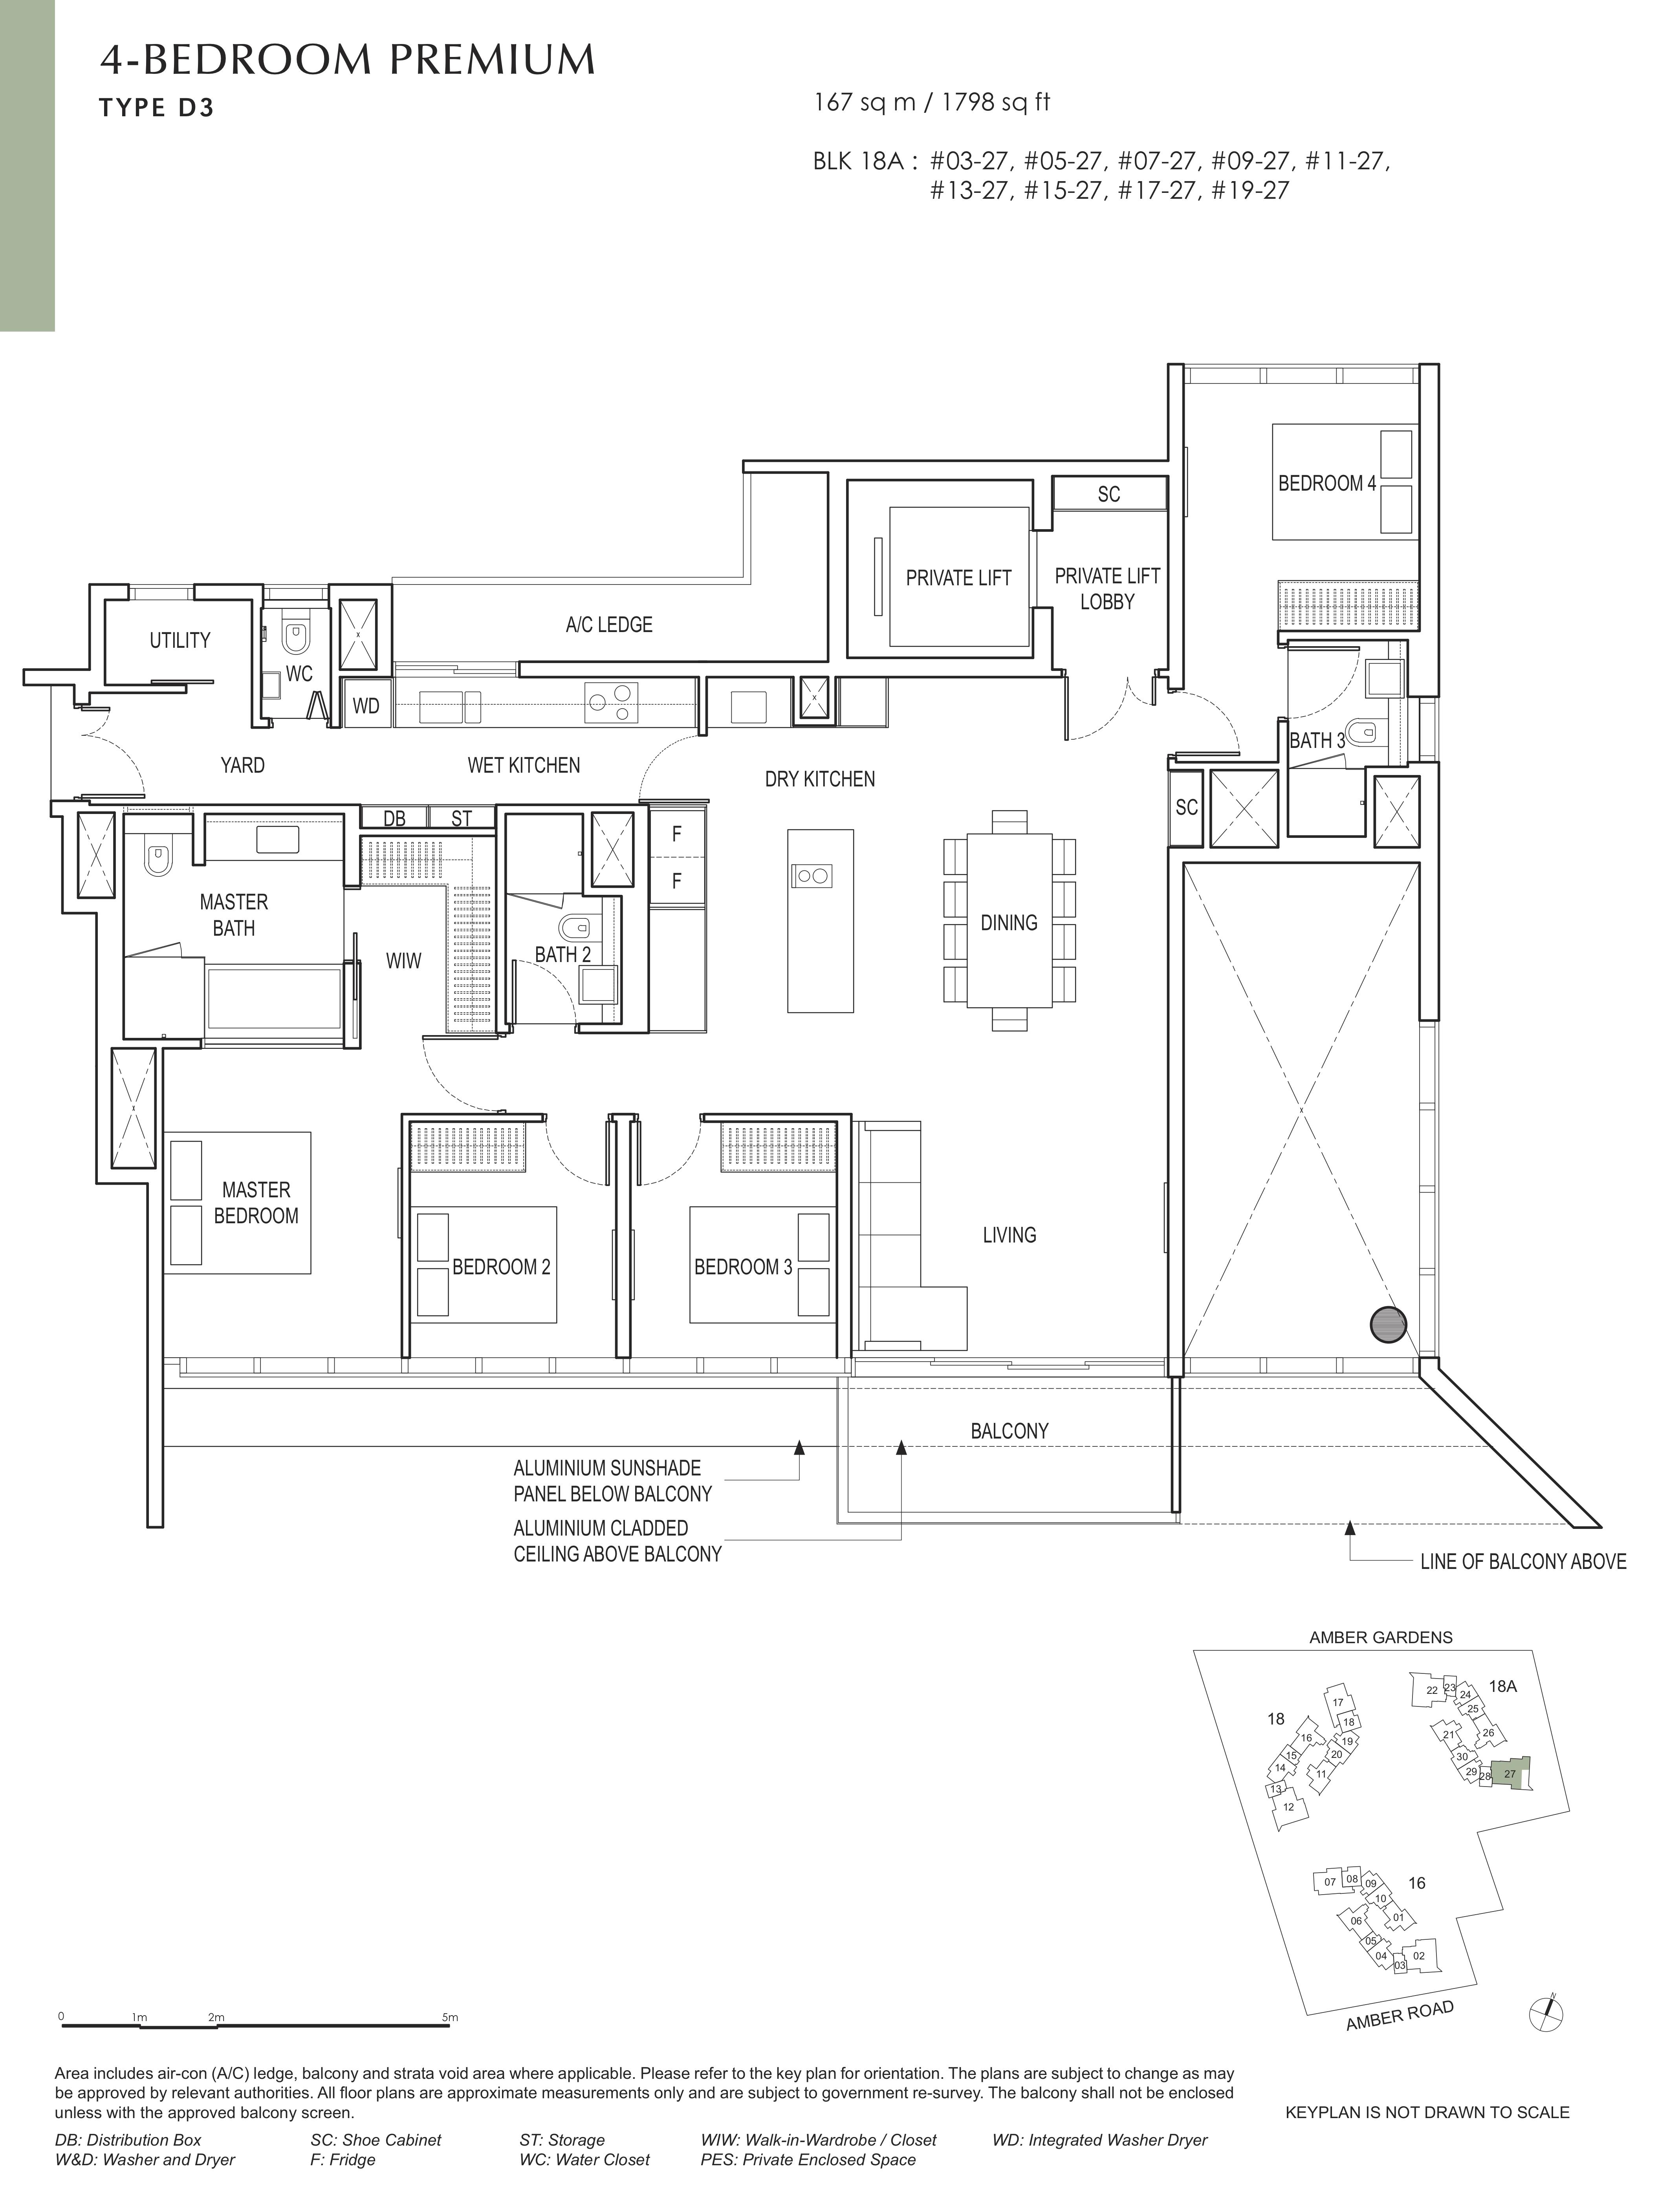 Amber Park 安铂苑 floor plan 4 bedroom premium 4卧房优质 d3